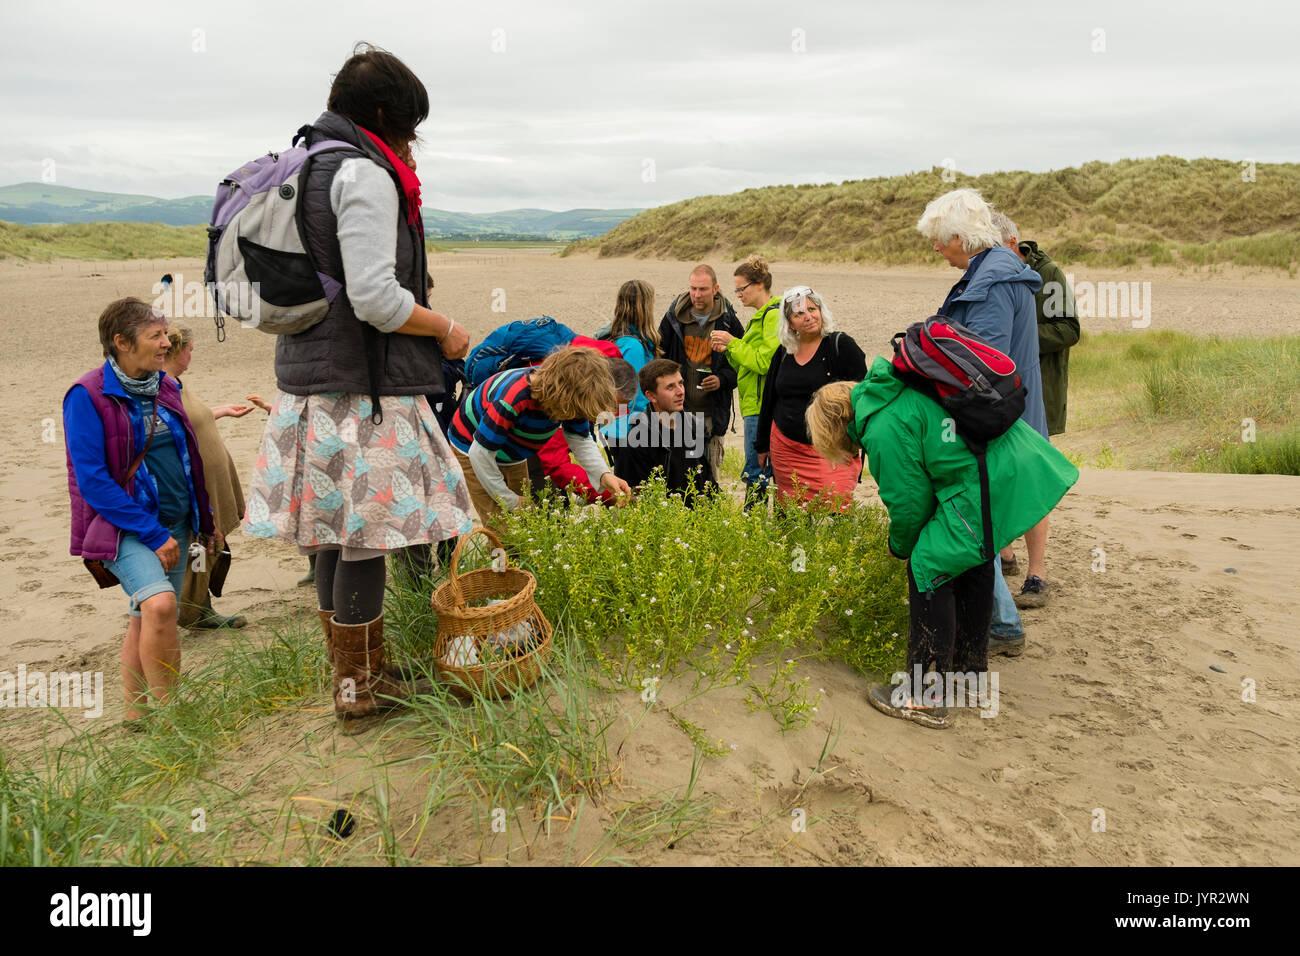 Un Groupe De Personnes Dirigee Par Ressources Naturelles D